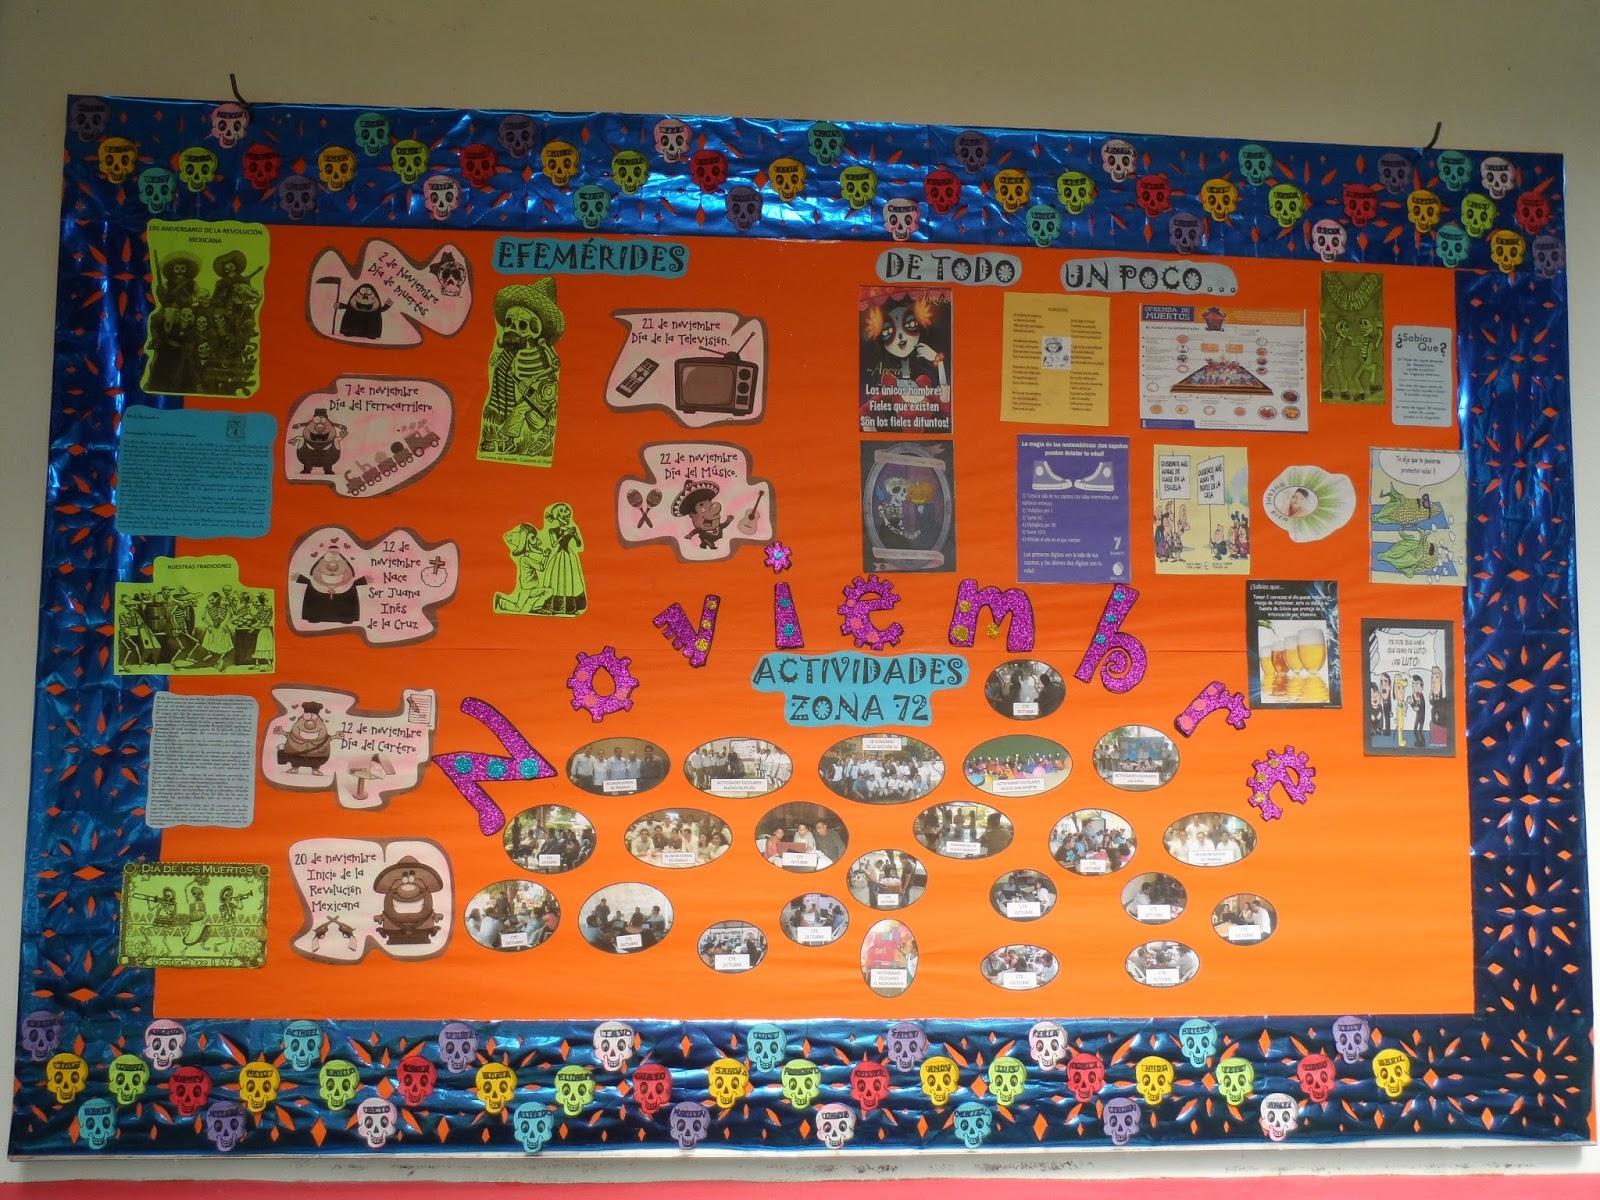 Supervisi n escolar zona 72 telesecundarias playa vicente for Diario mural en ingles